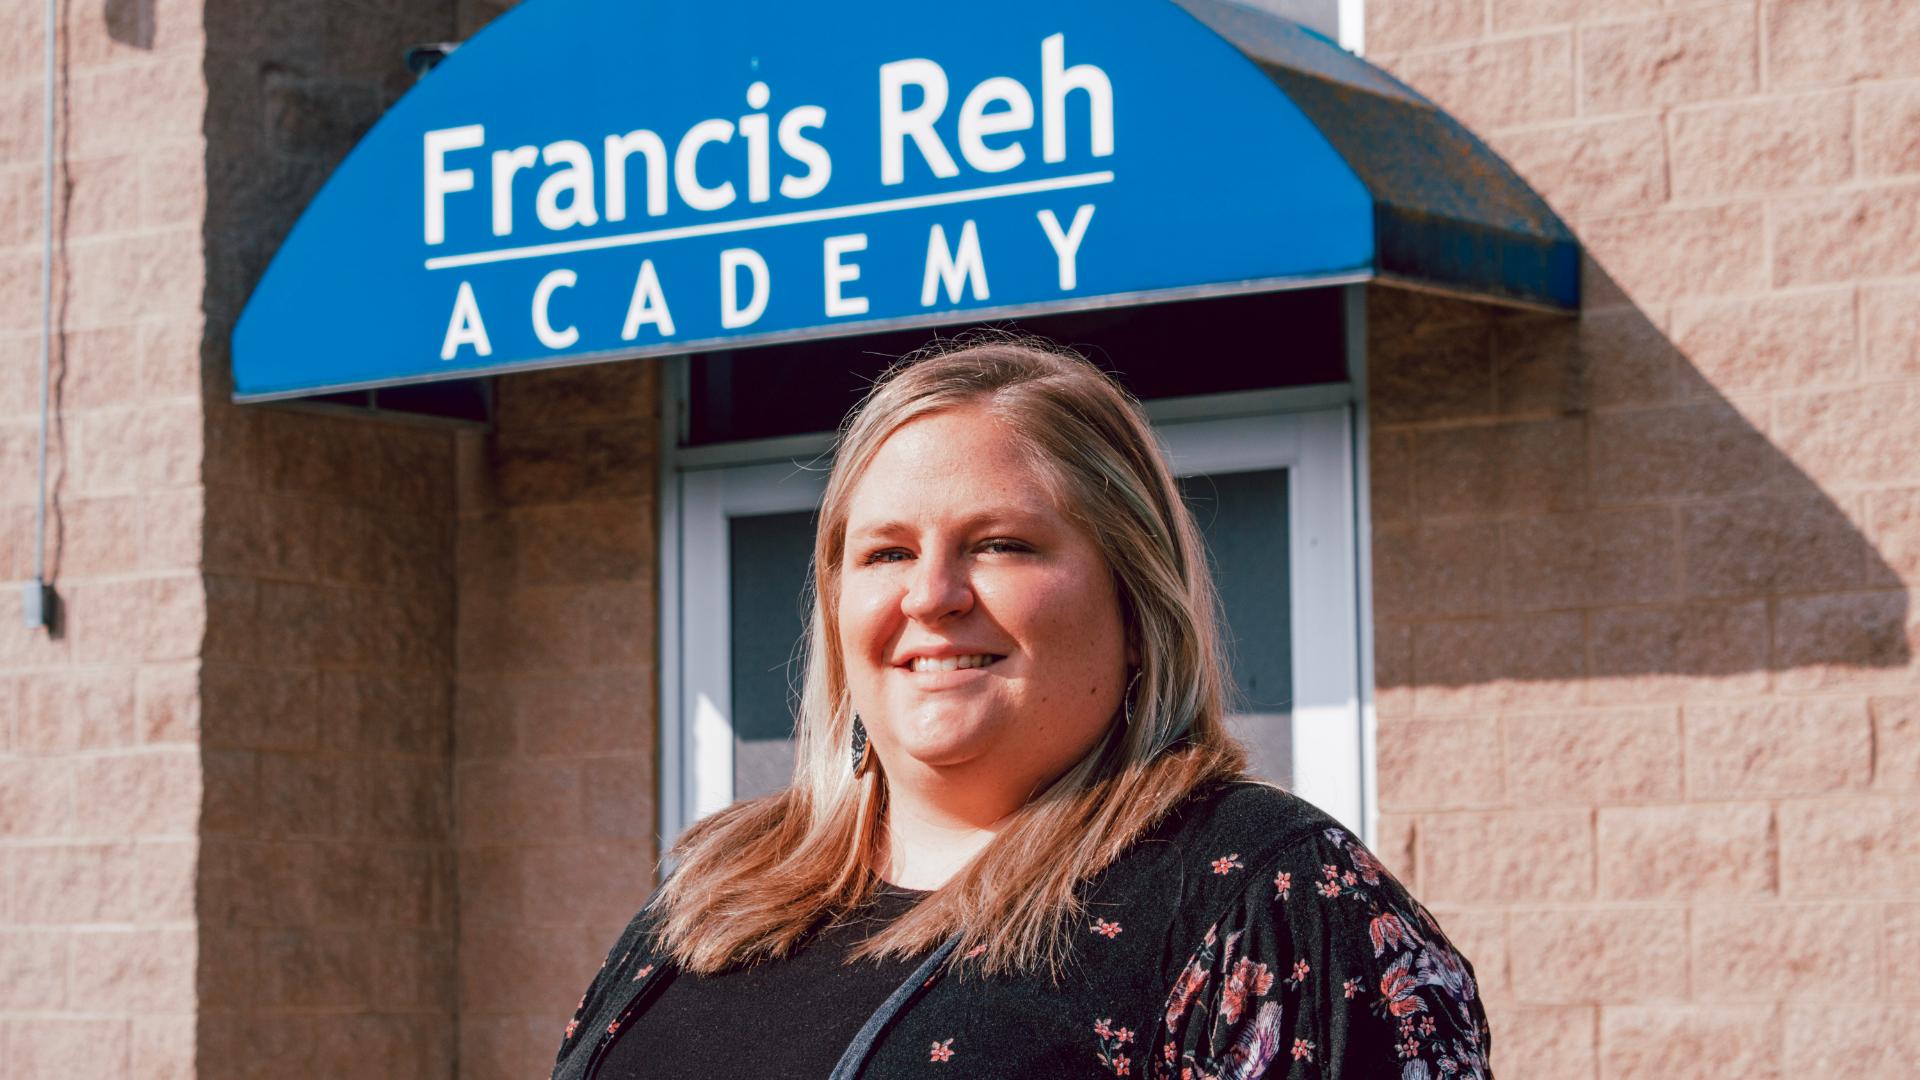 A photo of Francis Reh Academy teacher, Erin Fought.